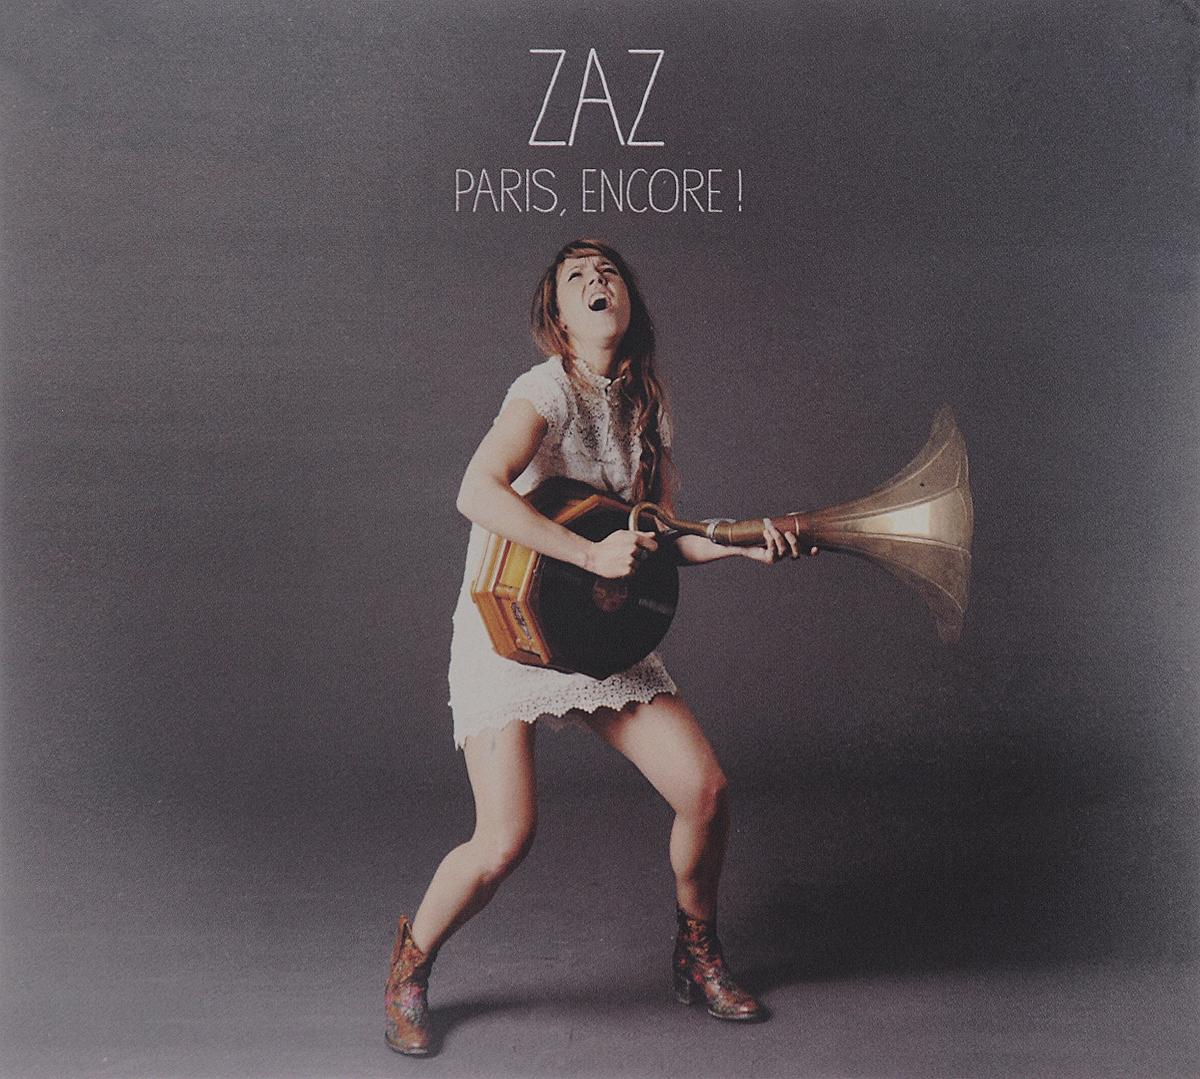 Фото - Zaz Zaz. Paris, Encore! (CD + DVD) zaz zaz paris encore cd dvd